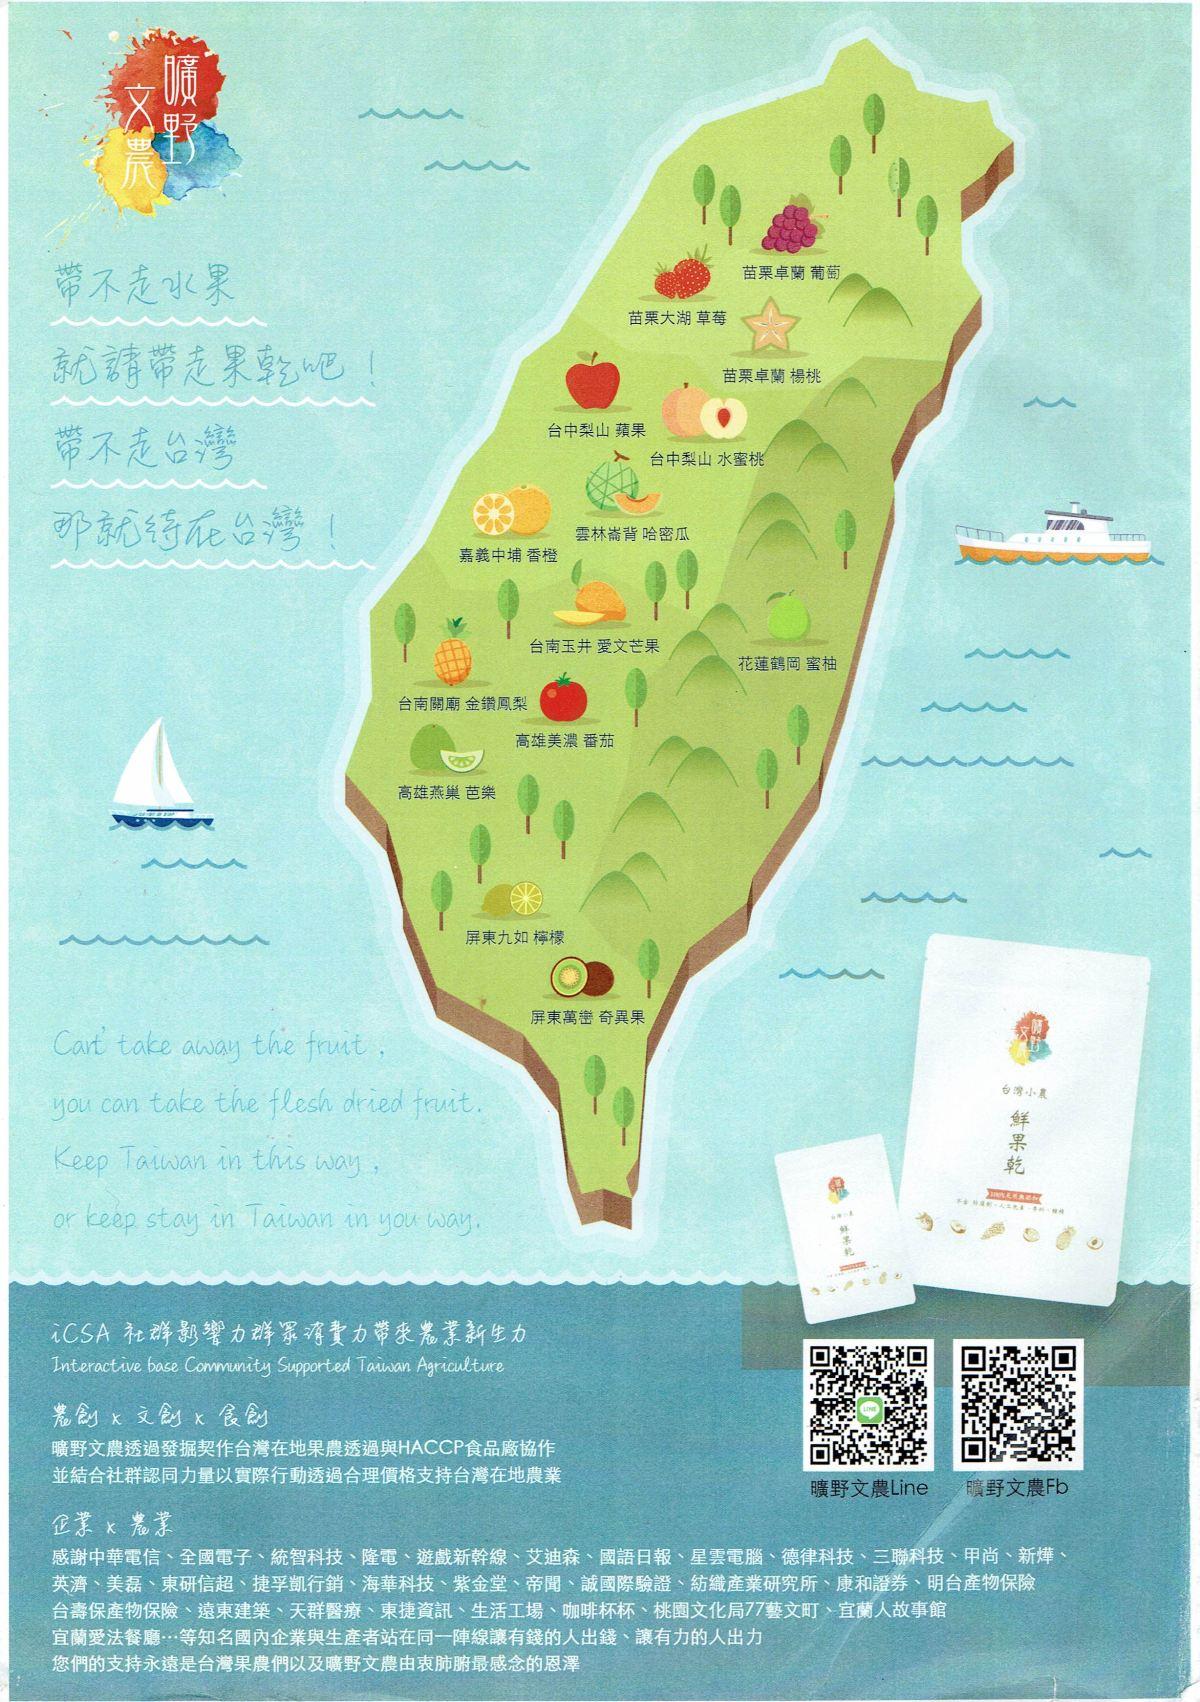 曠野文農 台灣果乾地圖(圖片由新光三越好好集提供)